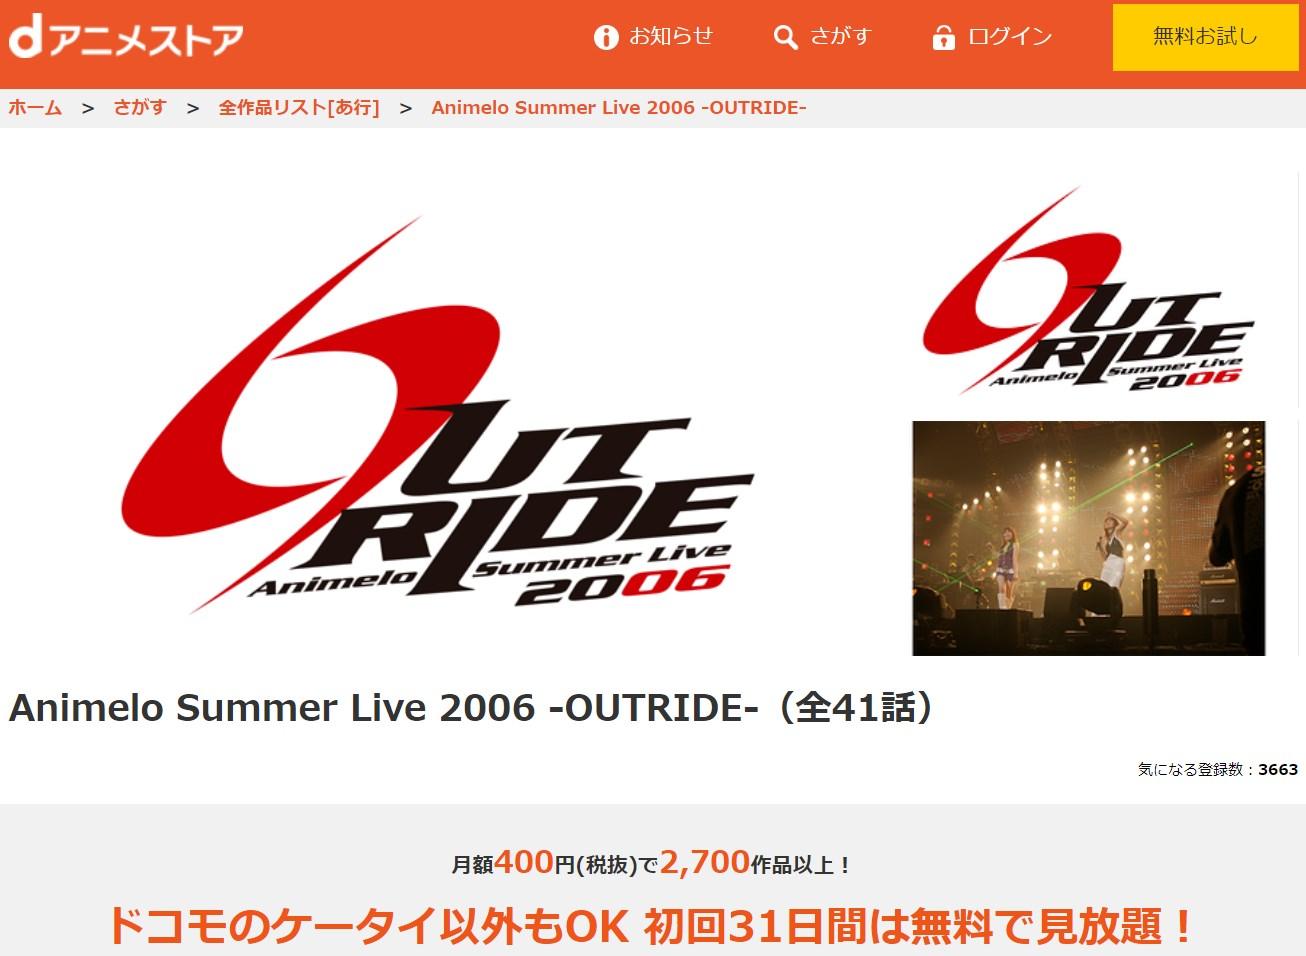 アニサマ2006の動画配信サービス